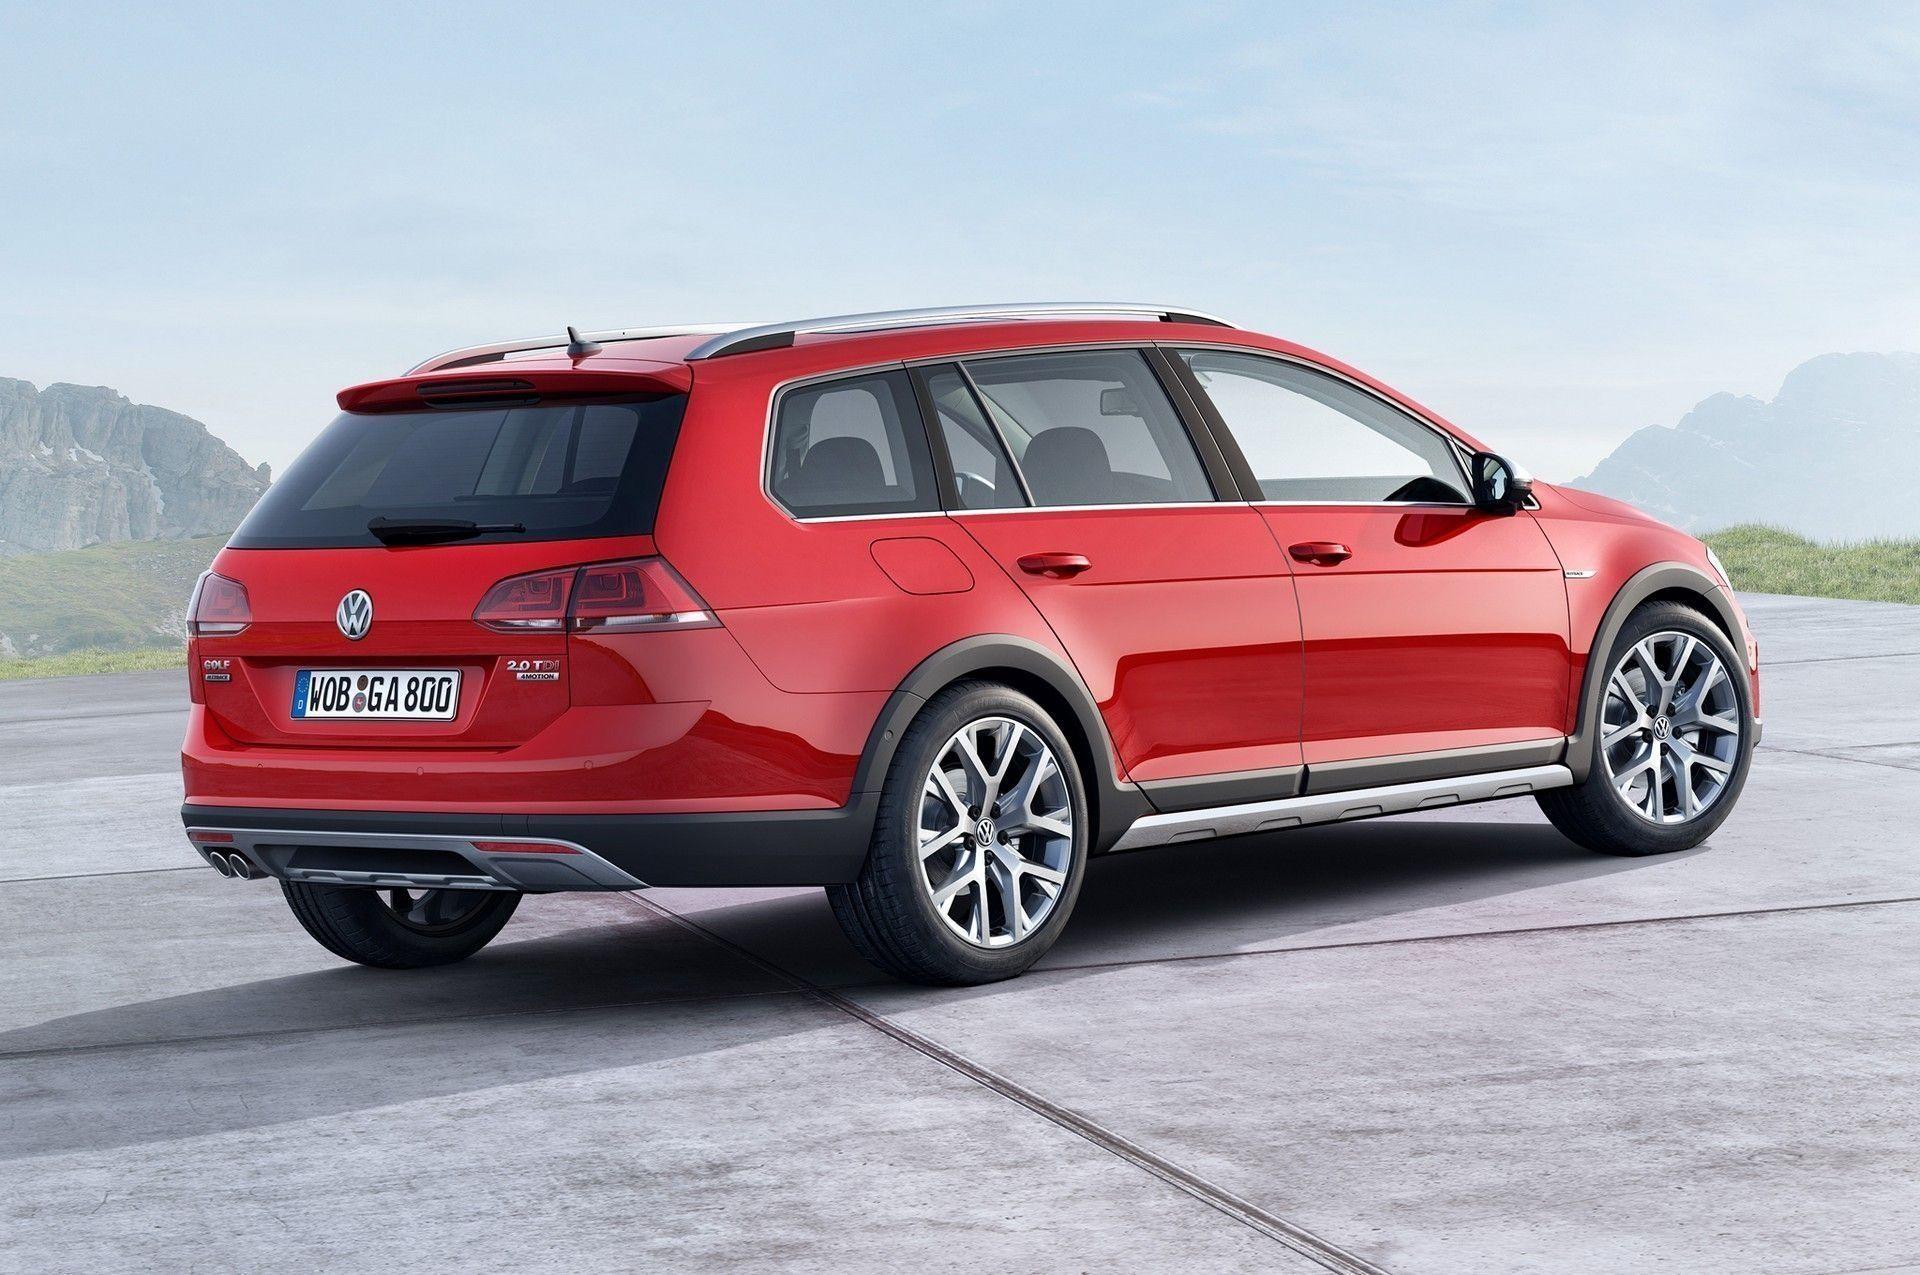 2020 Volkswagen Passat Tdi Redesign Volkswagen Golf Vw Wagon Volkswagen